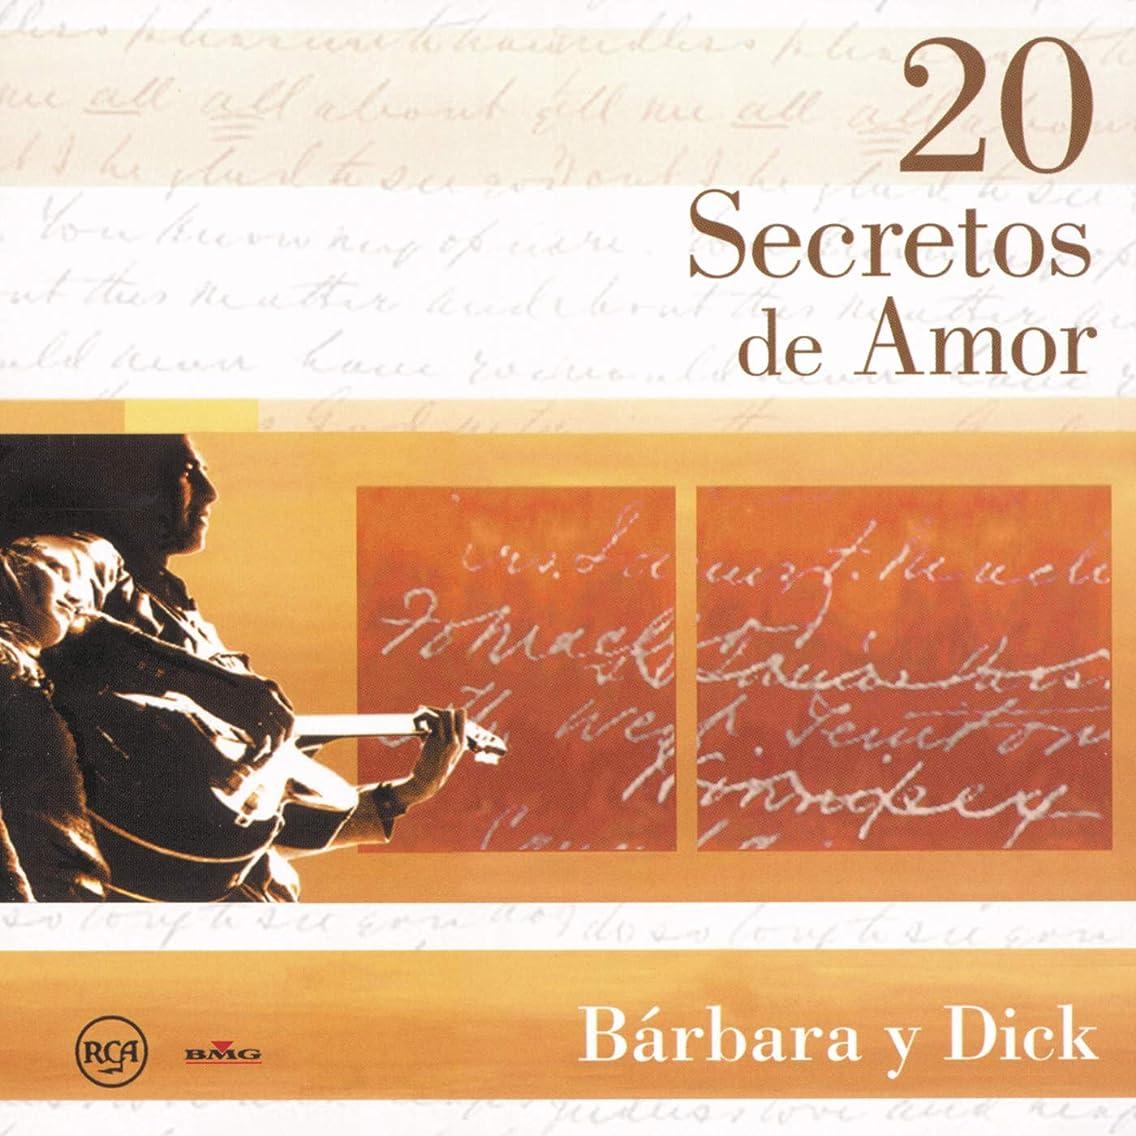 20 Secretos de Amor - Barbara y Dick